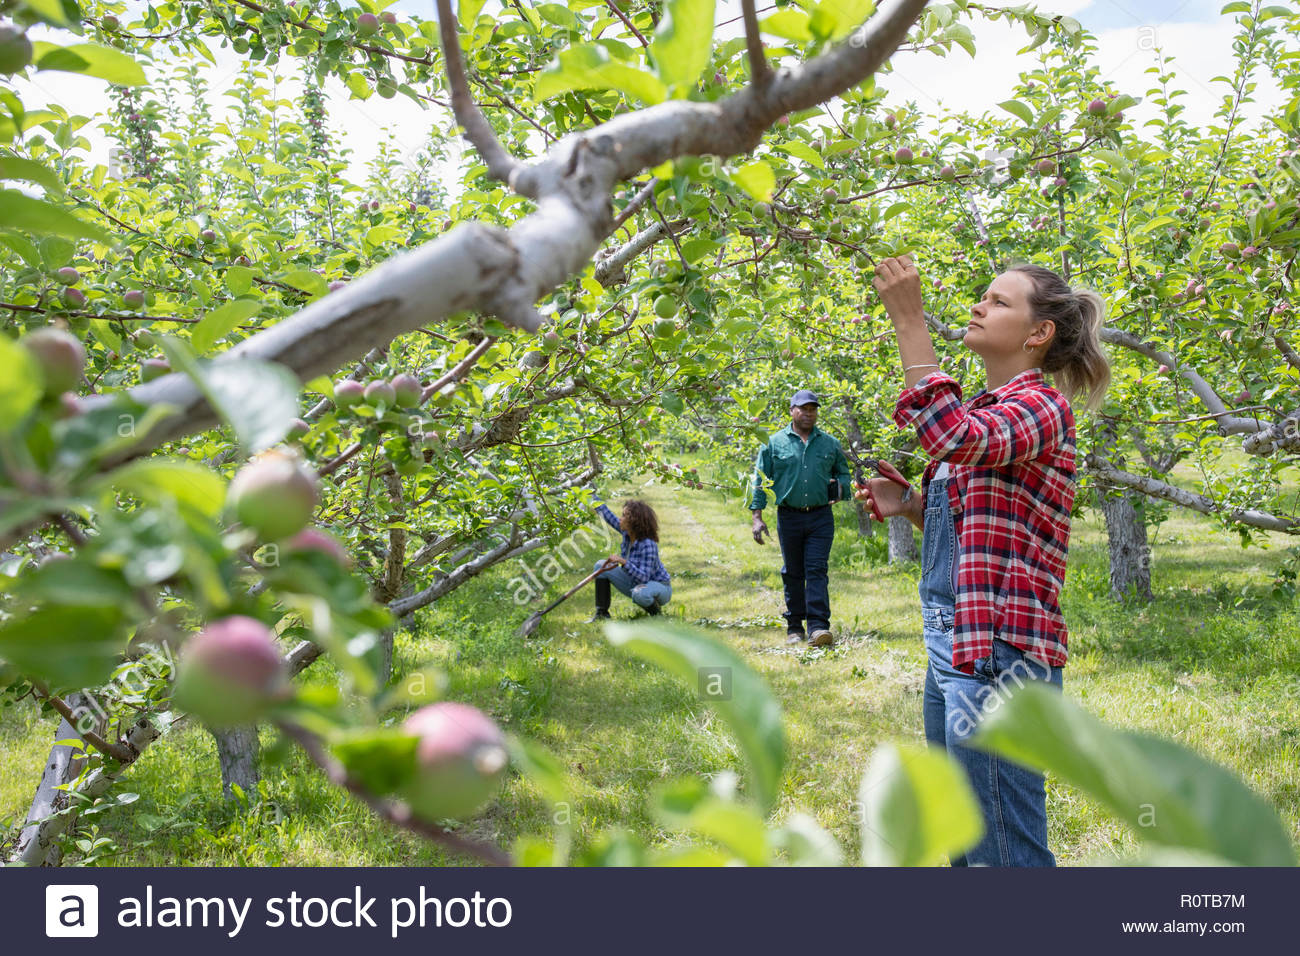 La agricultora comprobando los manzanos en huerto Imagen De Stock